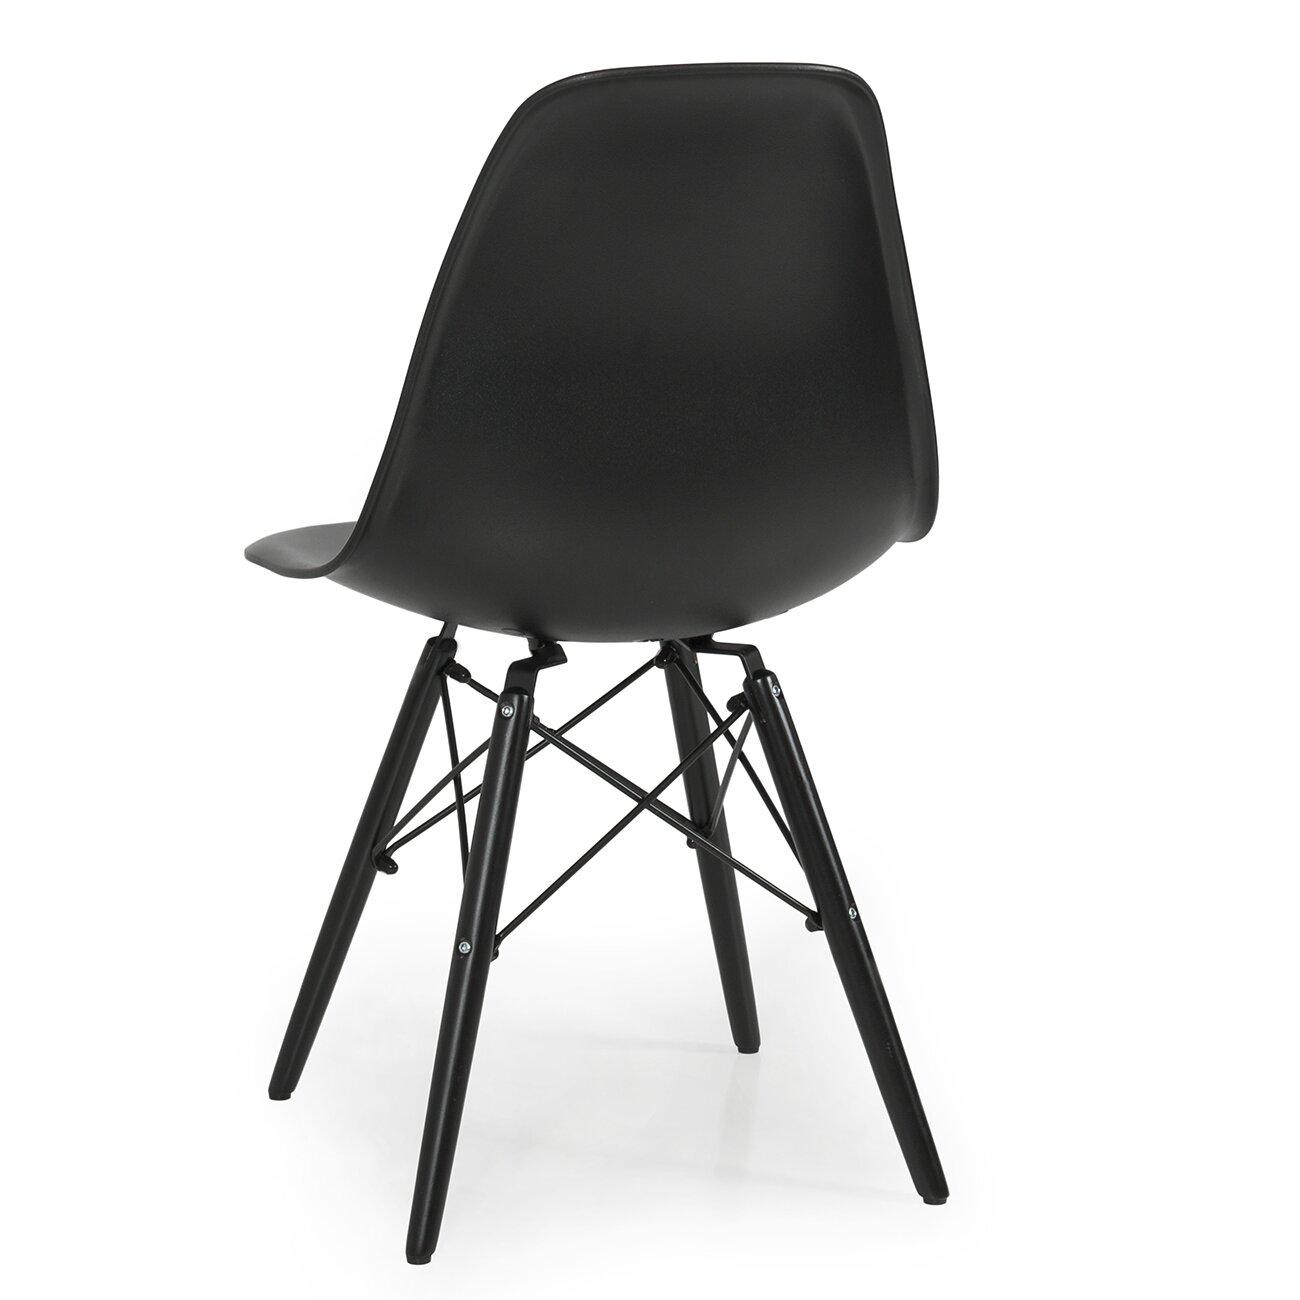 Belleze Eames Molded PlasticSide Chair